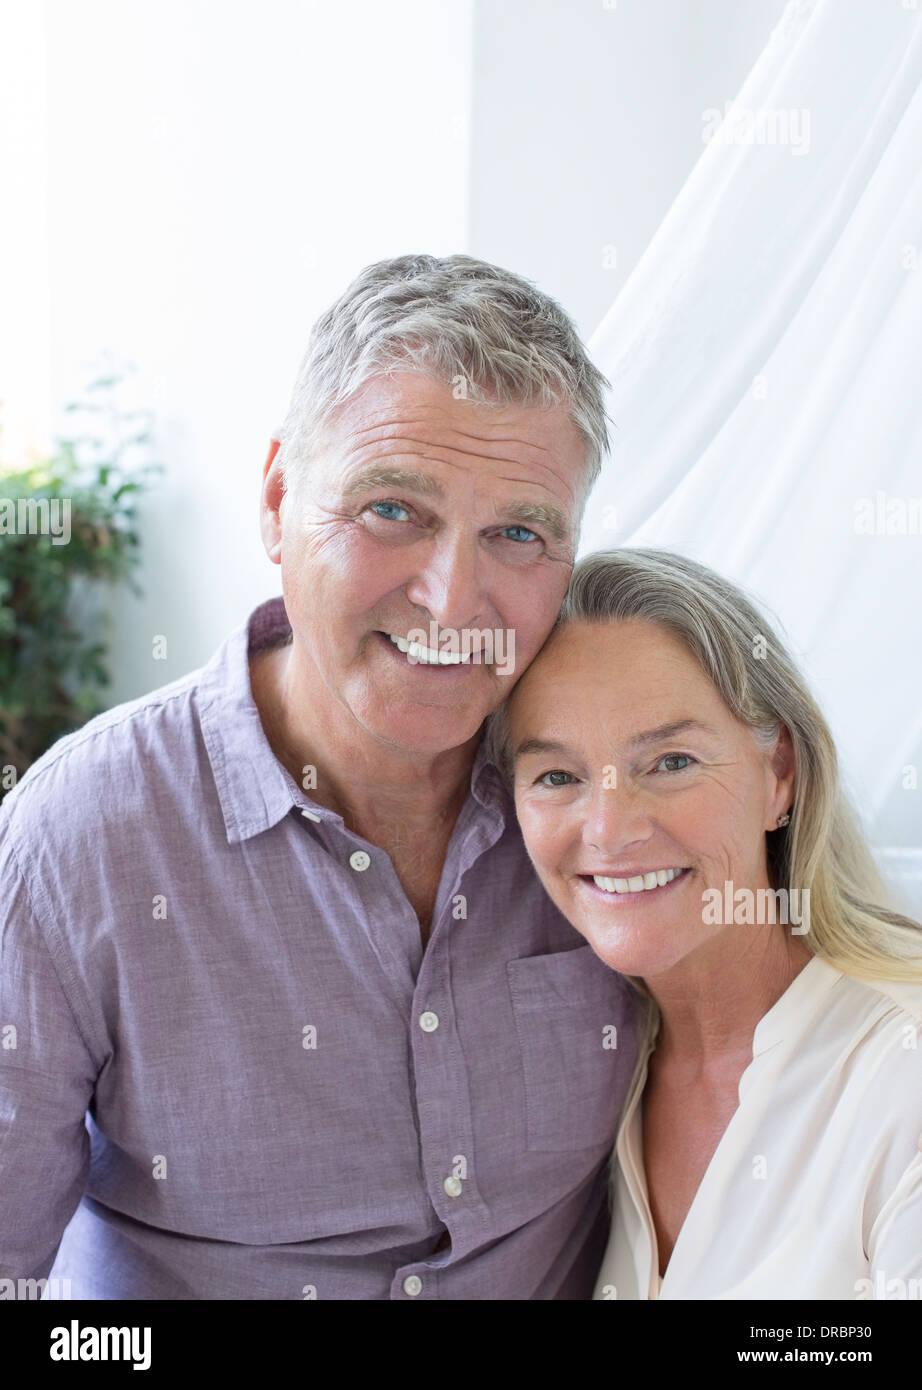 Senior couple smiling Photo Stock